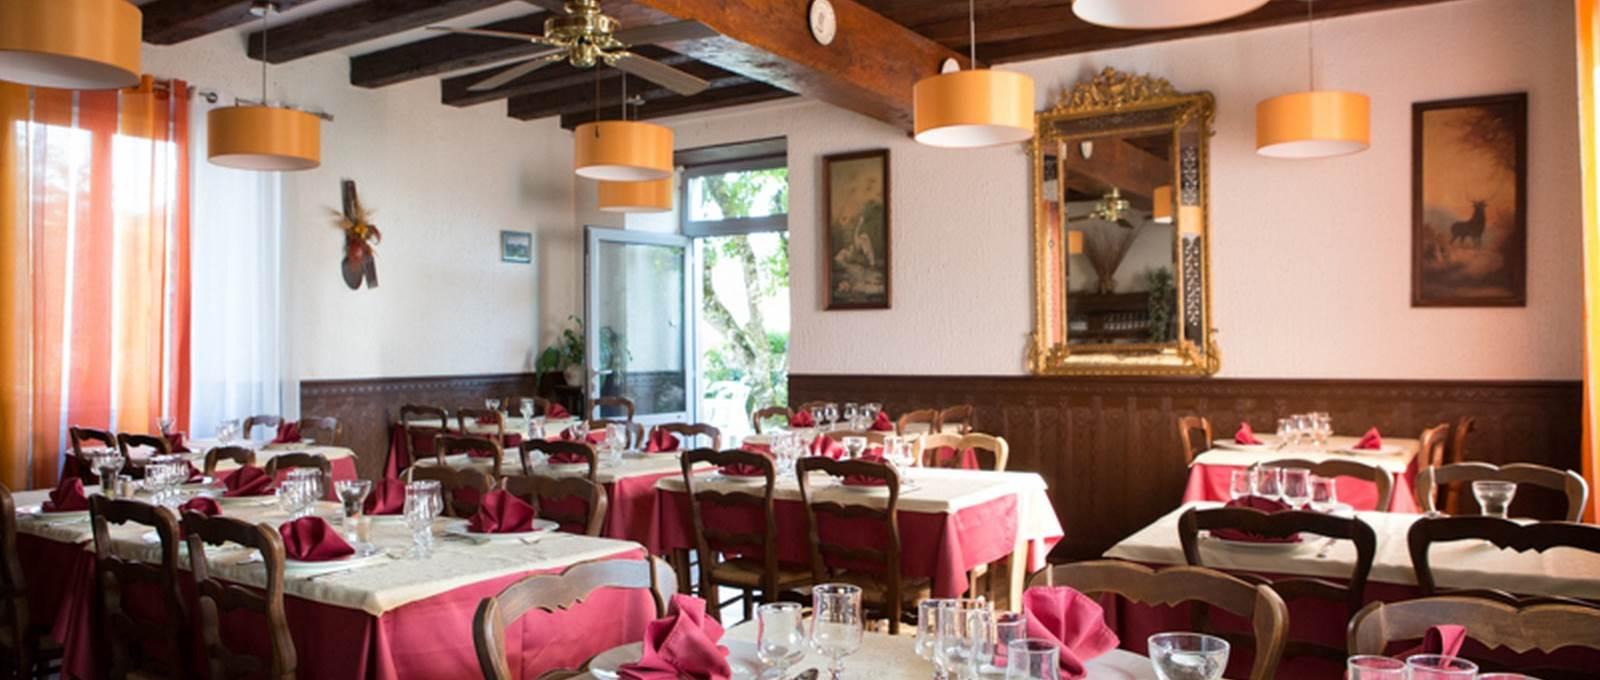 La salle de restaurant Le Sully